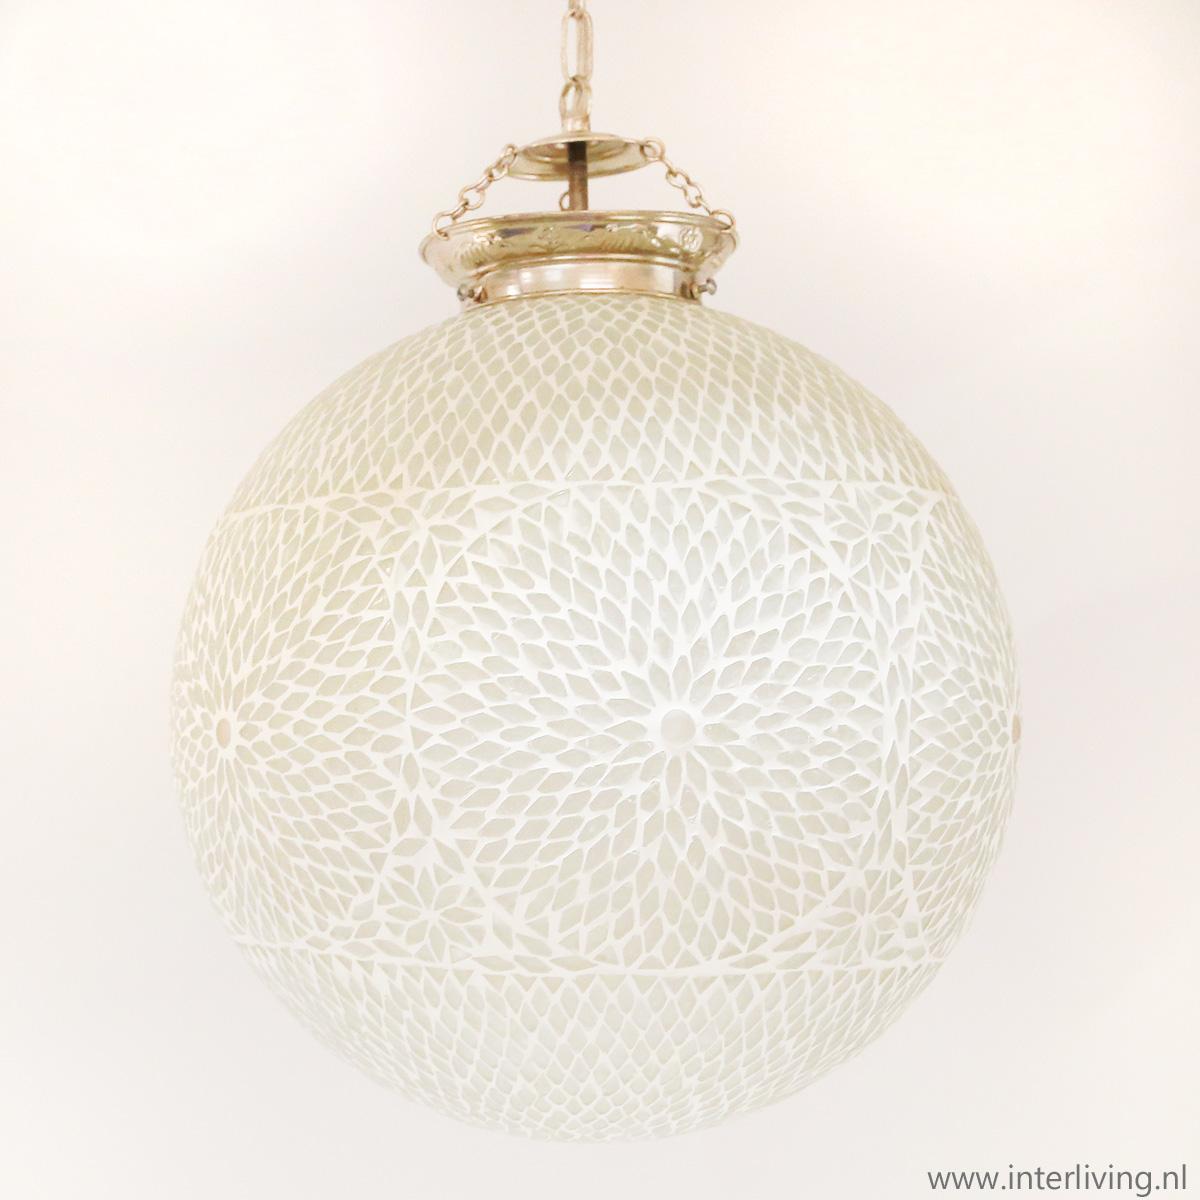 hanglamp oosters licht restaurant bar verlichting glas hanglamp oosterse bol wit moderne stijl glas mozaiek koop in onze webshop